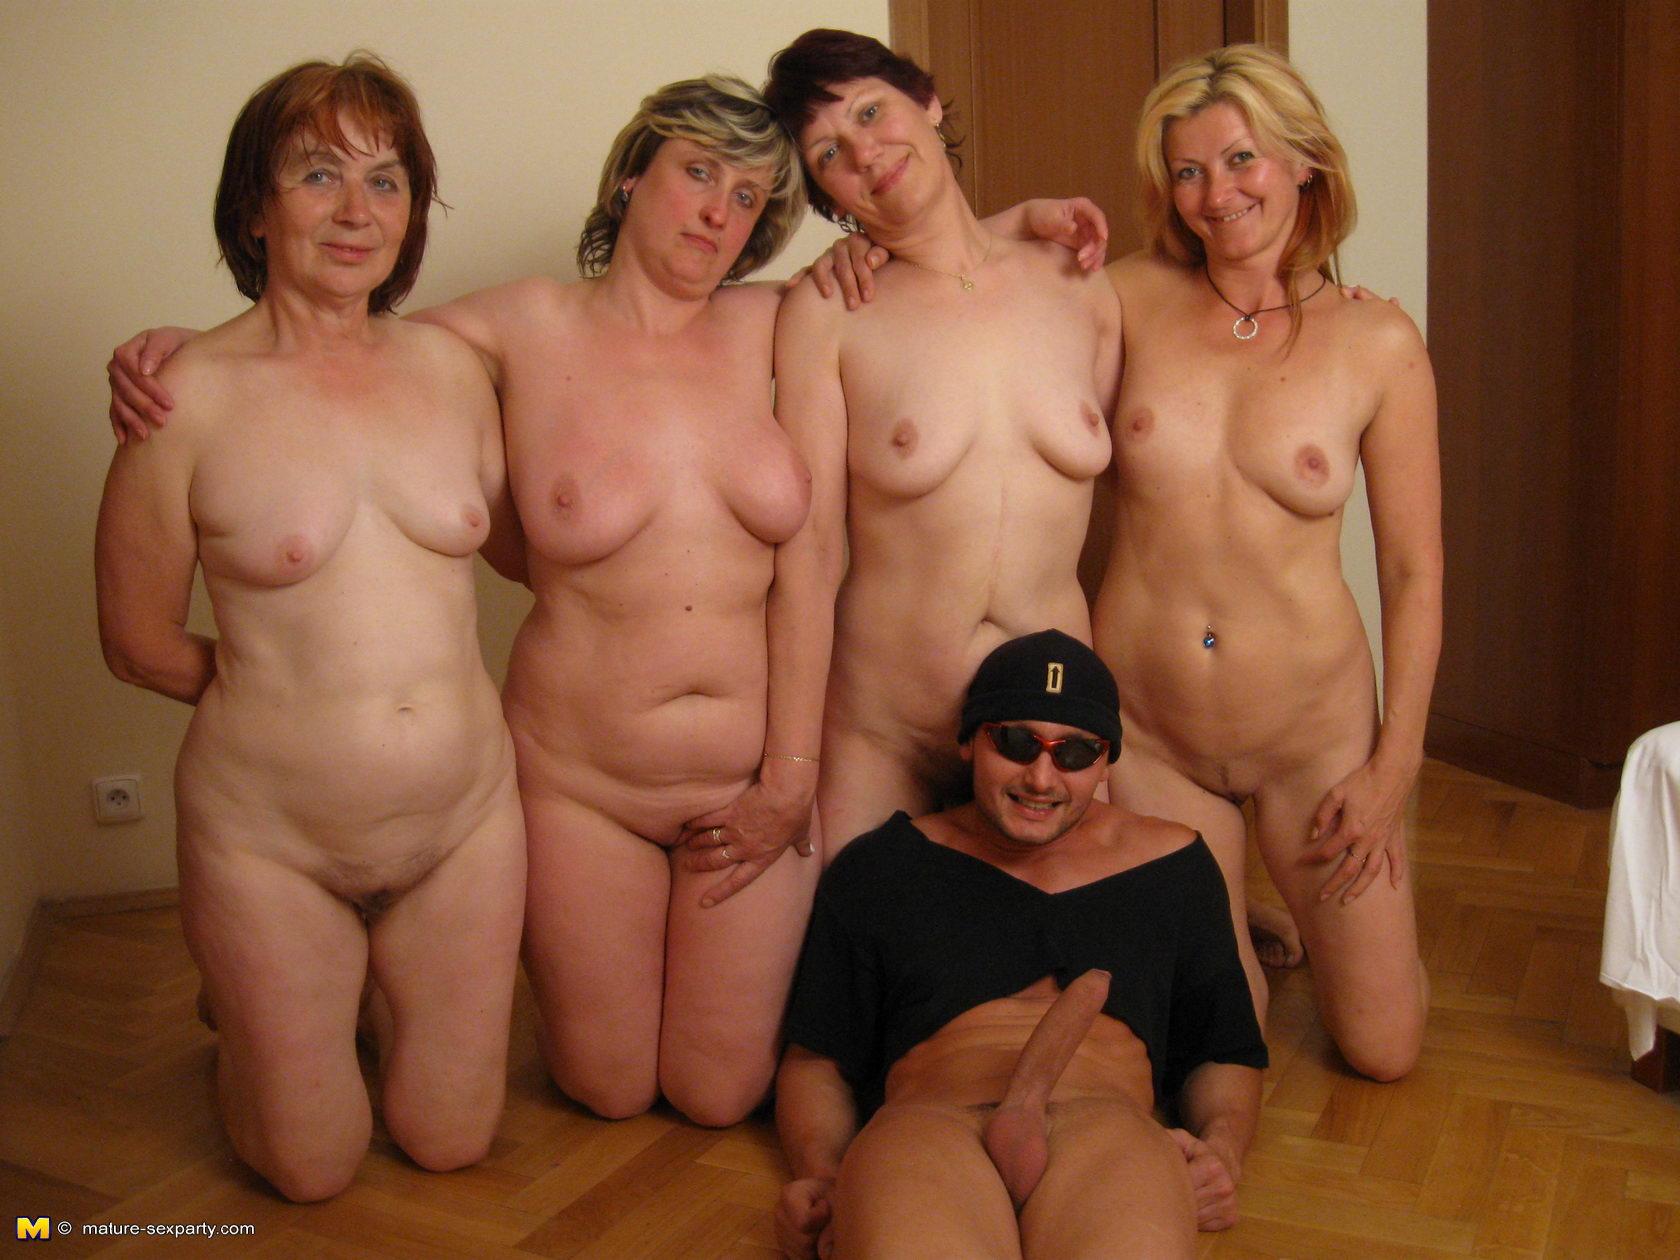 brooklyn decker hot naked ass